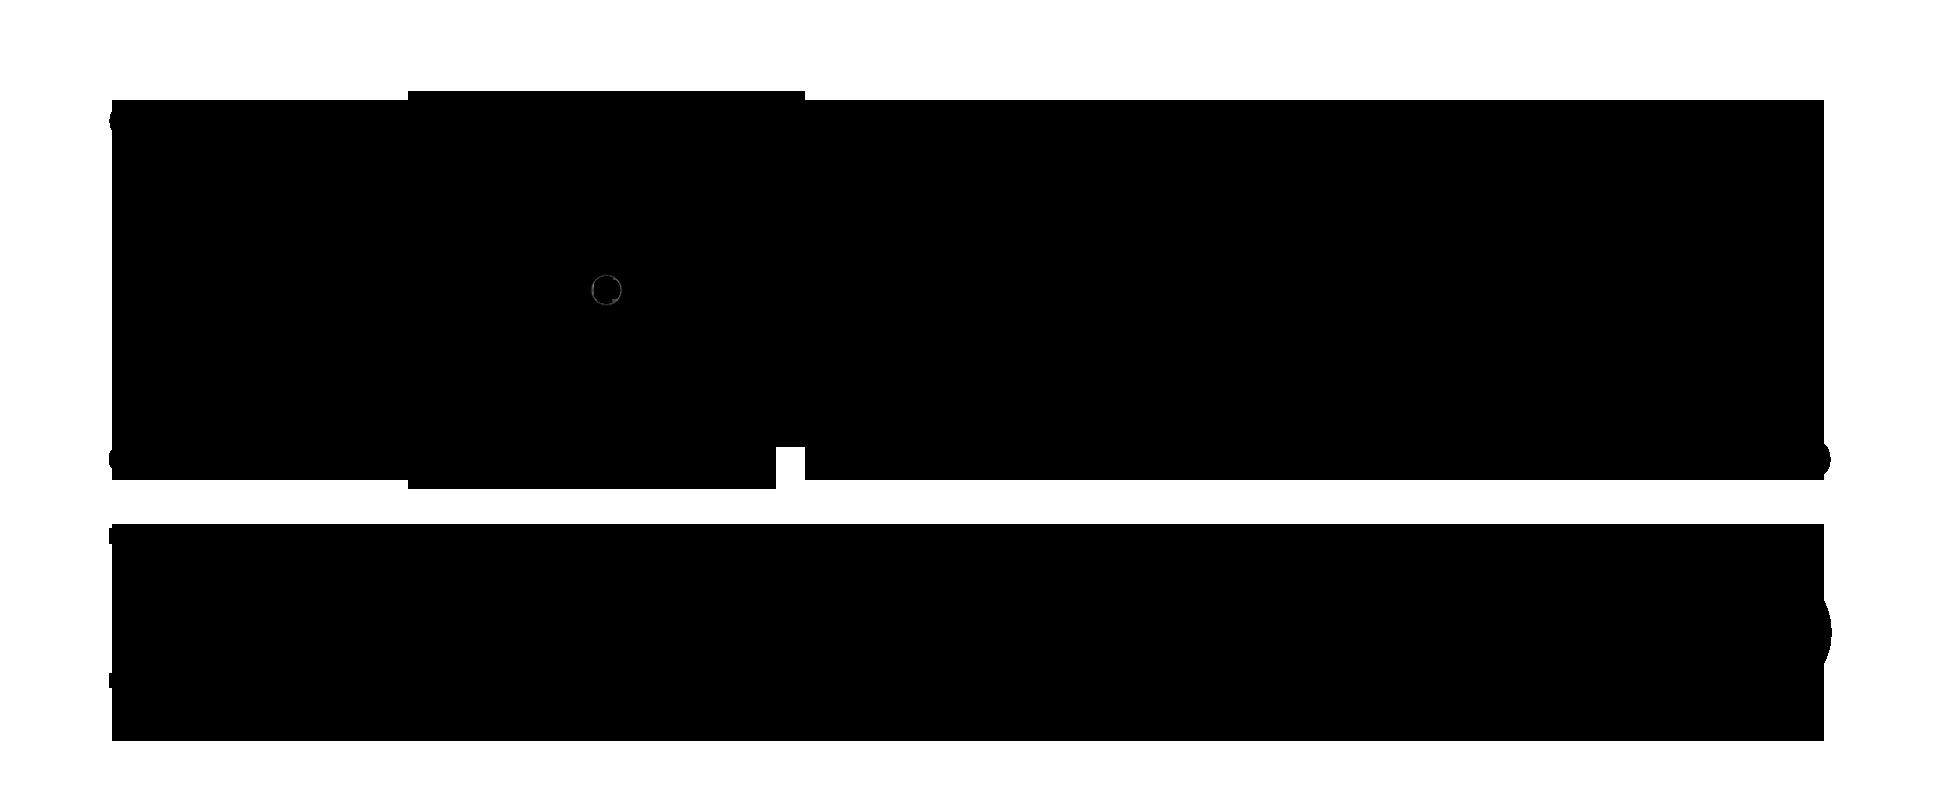 PEG logo_no border